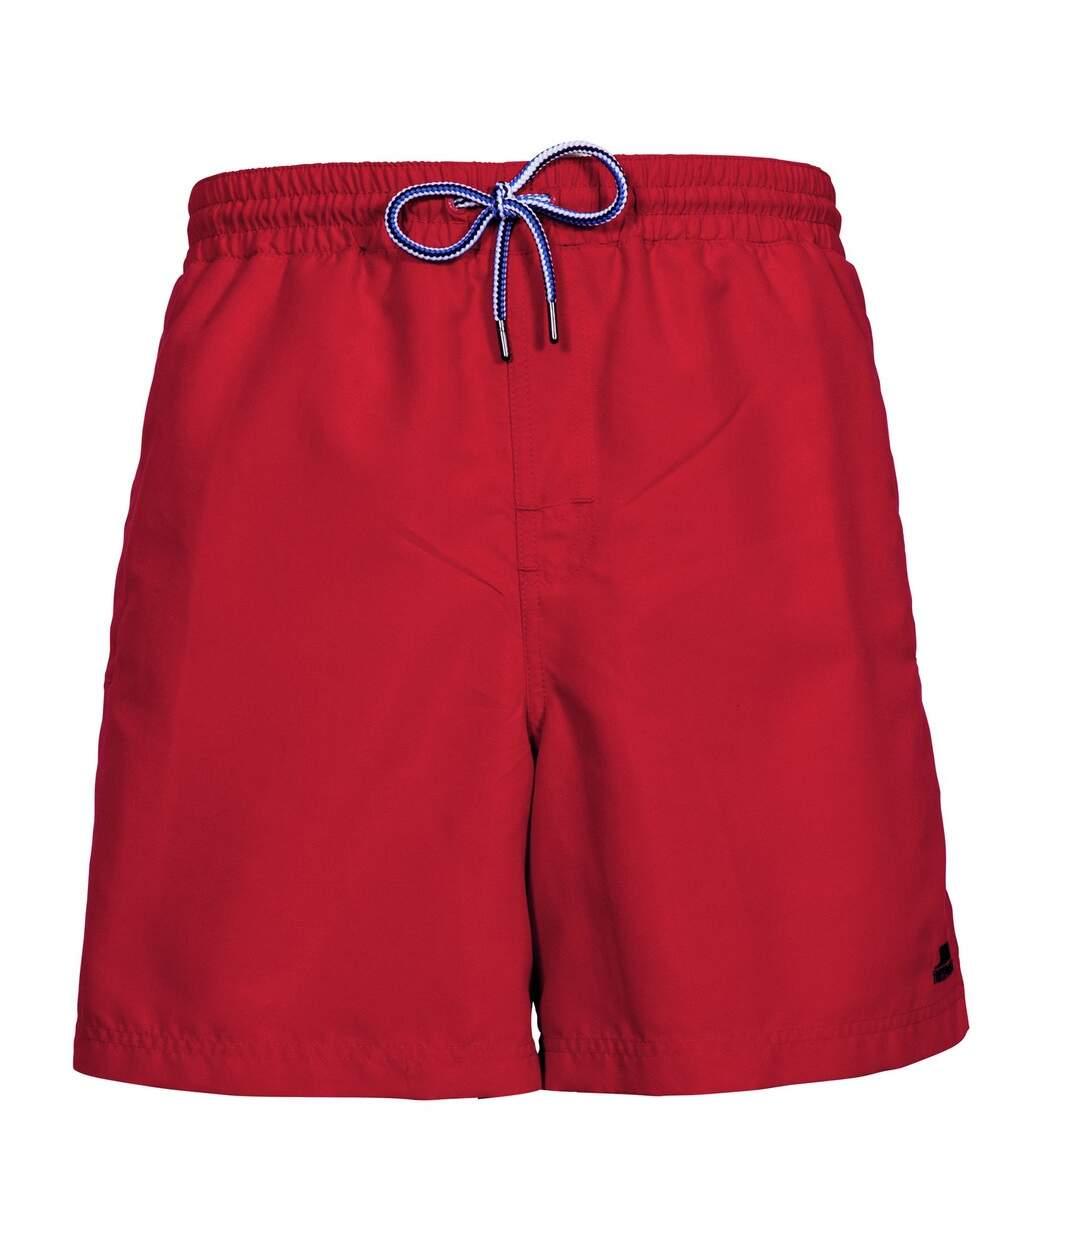 Trespass Mens Granvin Casual Shorts (Red) - UTTP3326